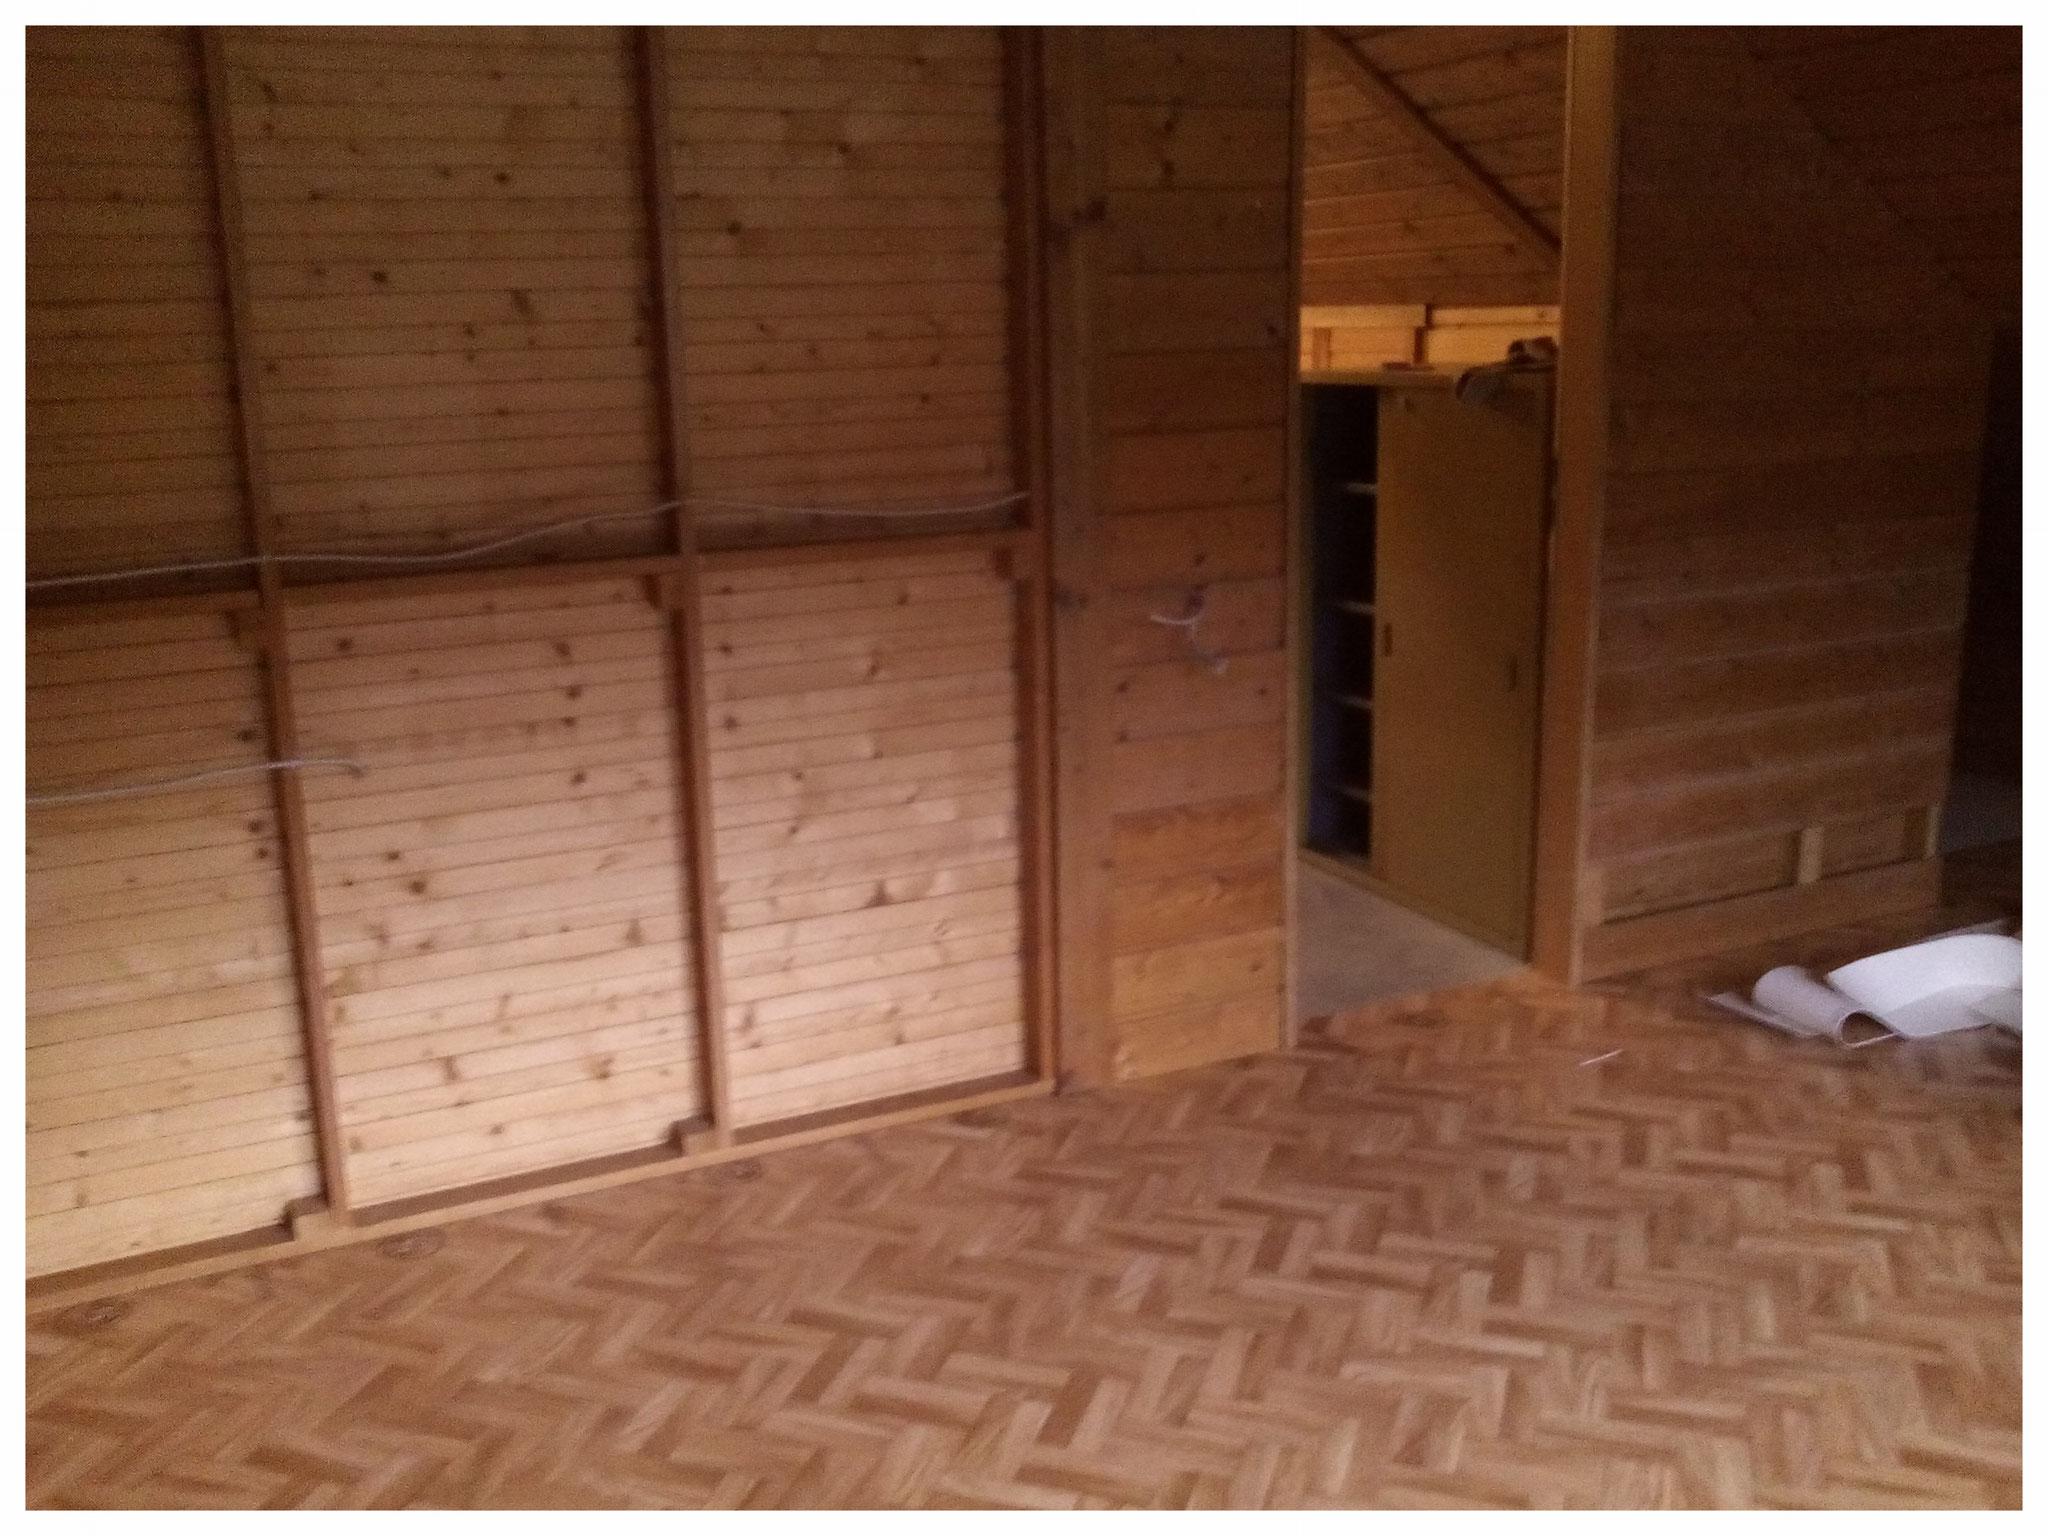 Der Raum, der zur Garderobe werden soll, nach dem Leerräumen.